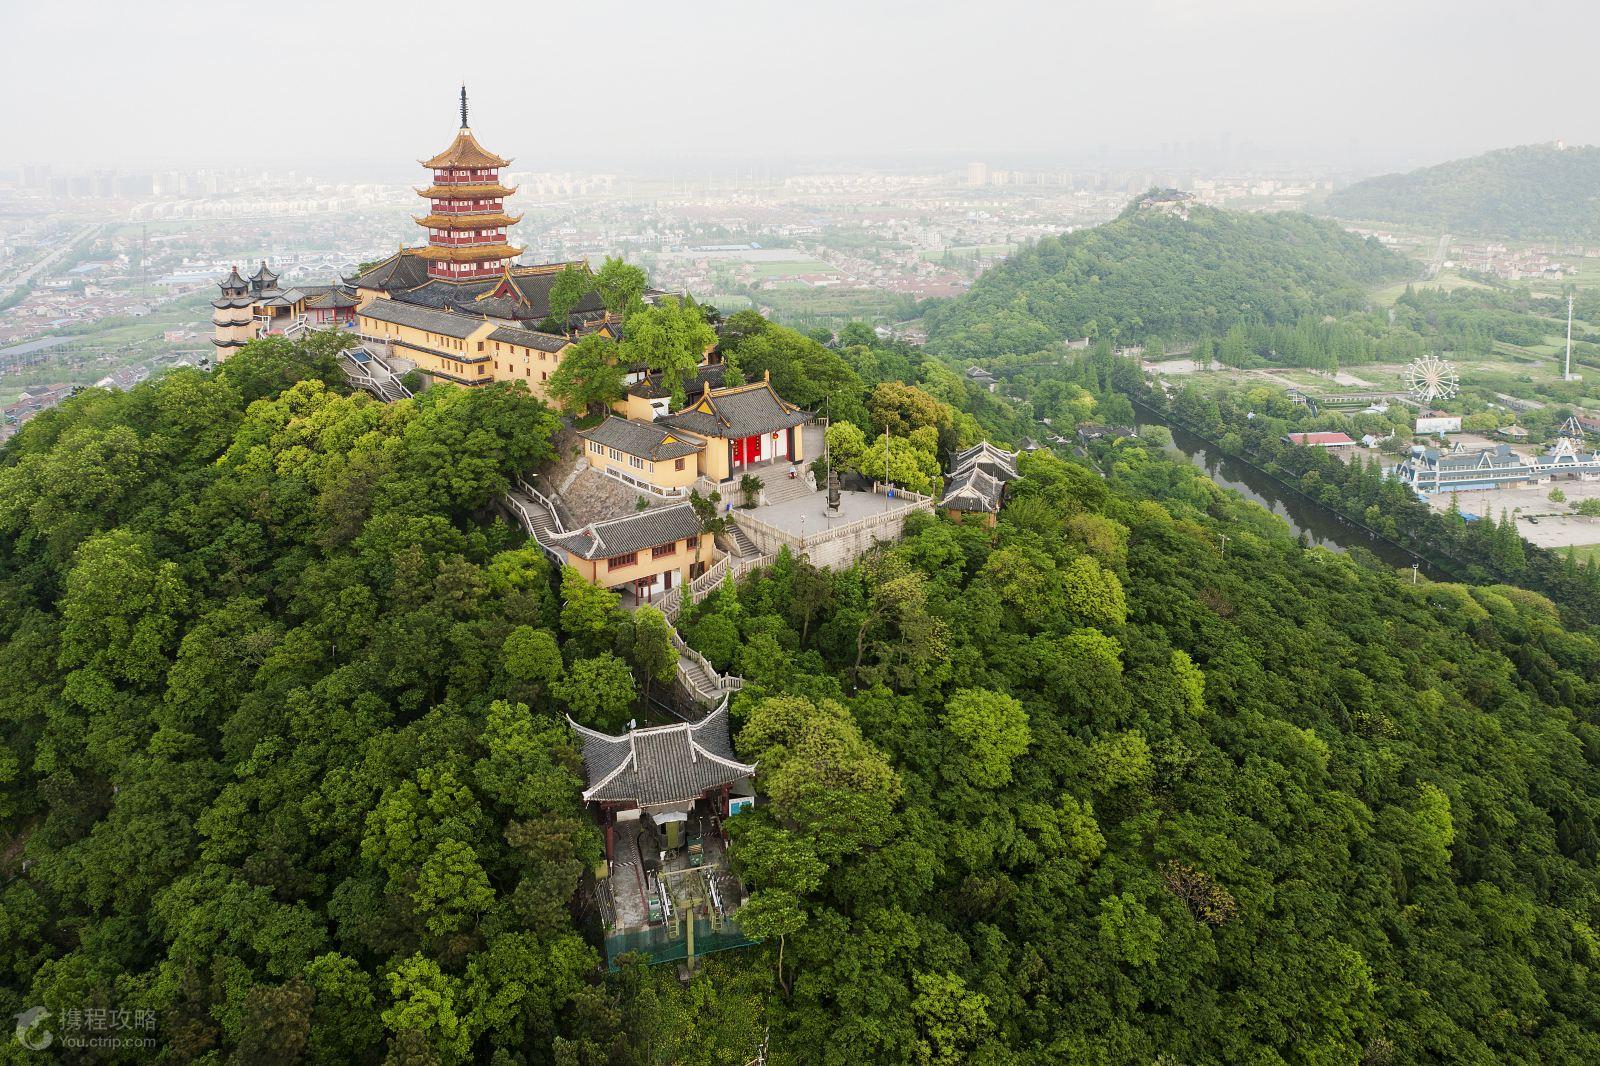 狼山风景名胜区是江苏省著名的六大风景区之一